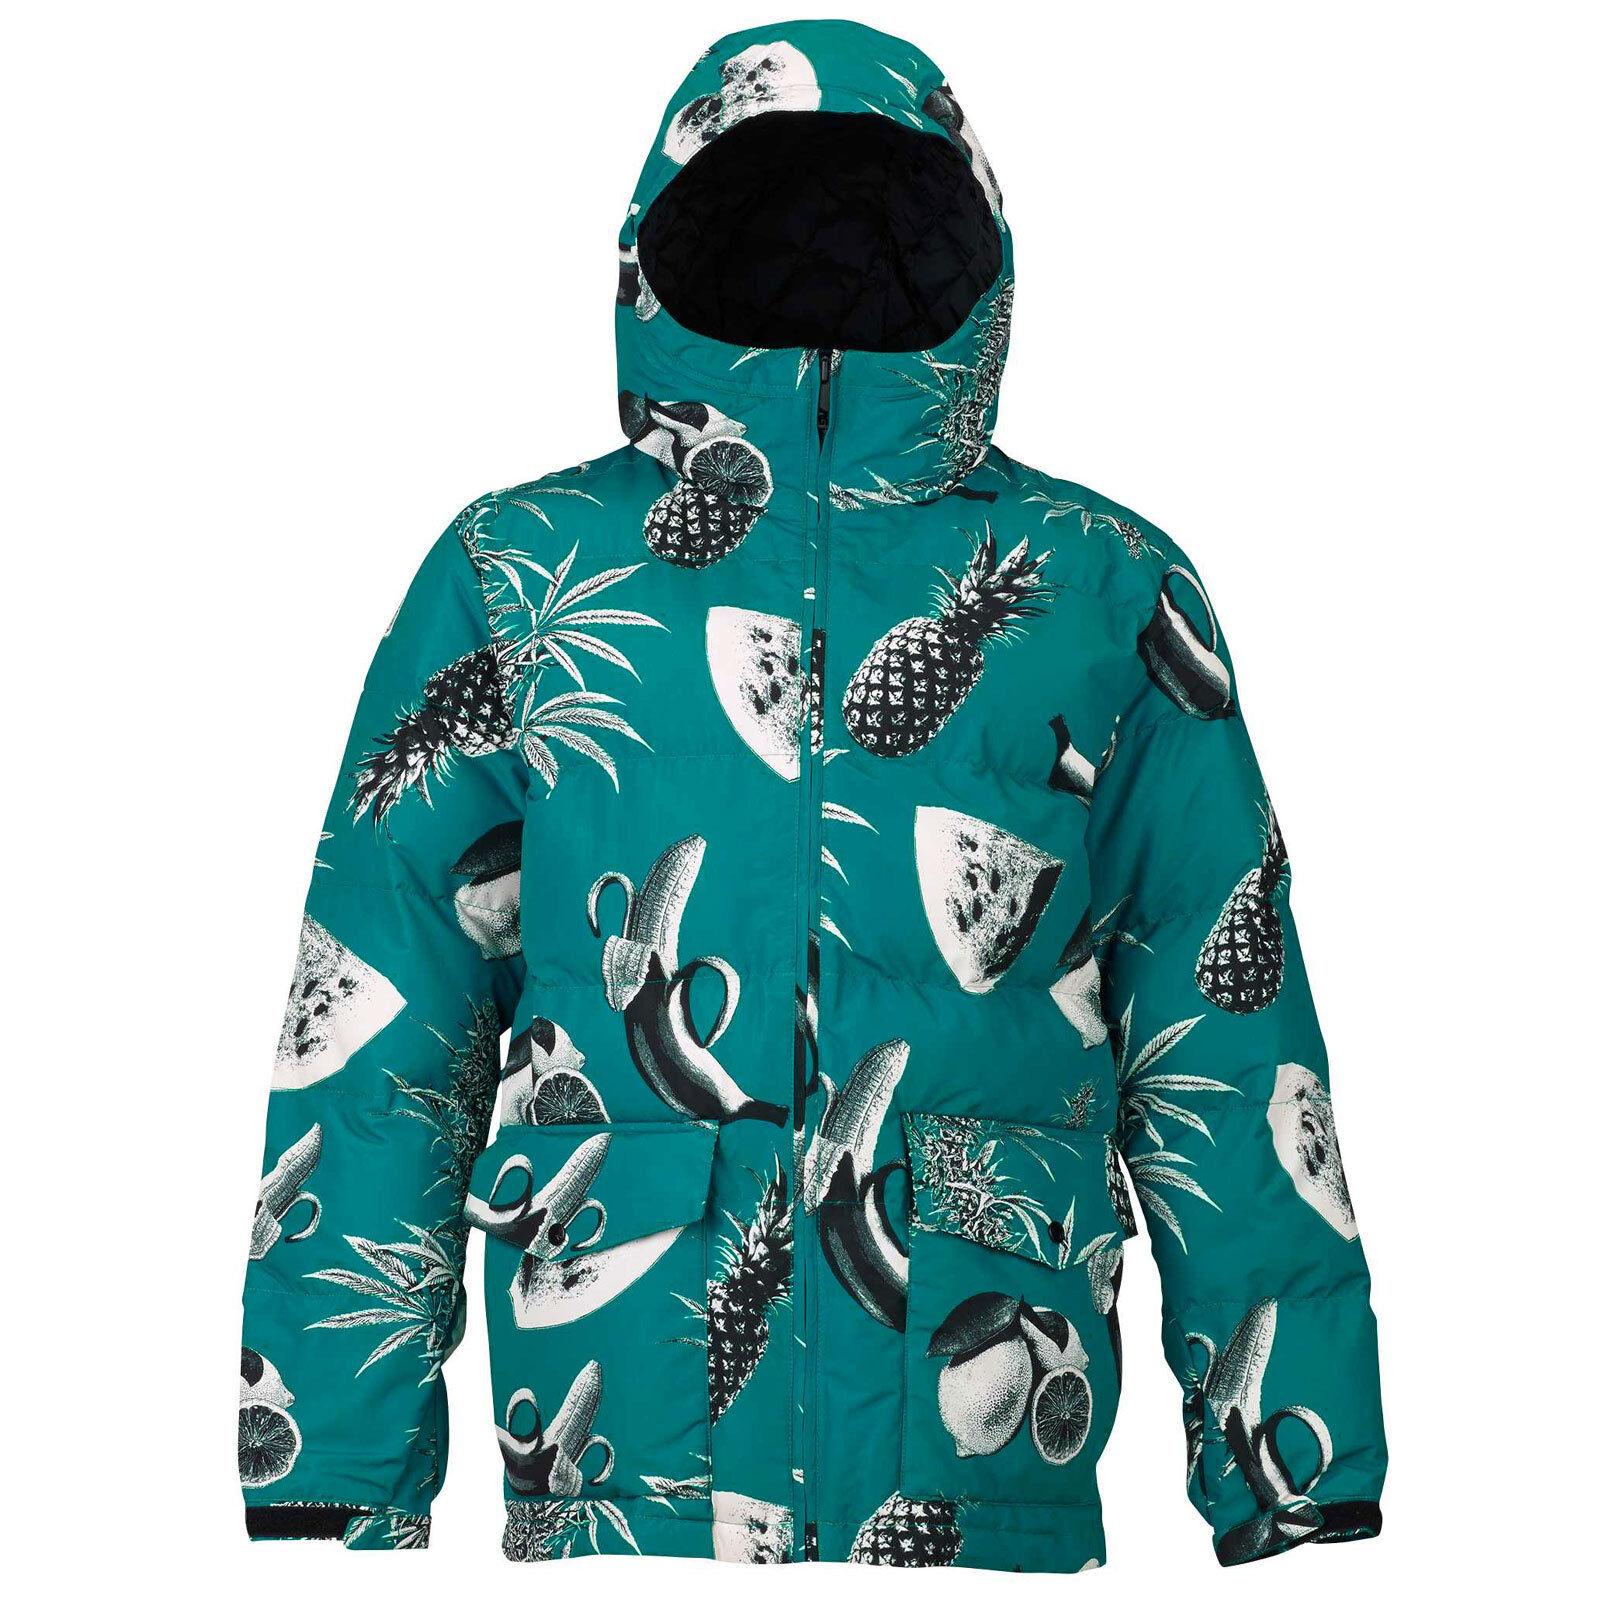 baee08a61e Analog Téli Kilroy Jacket Jacket Férfi Snowboard Jacket Ski Jacket Téli  Analog Vízálló